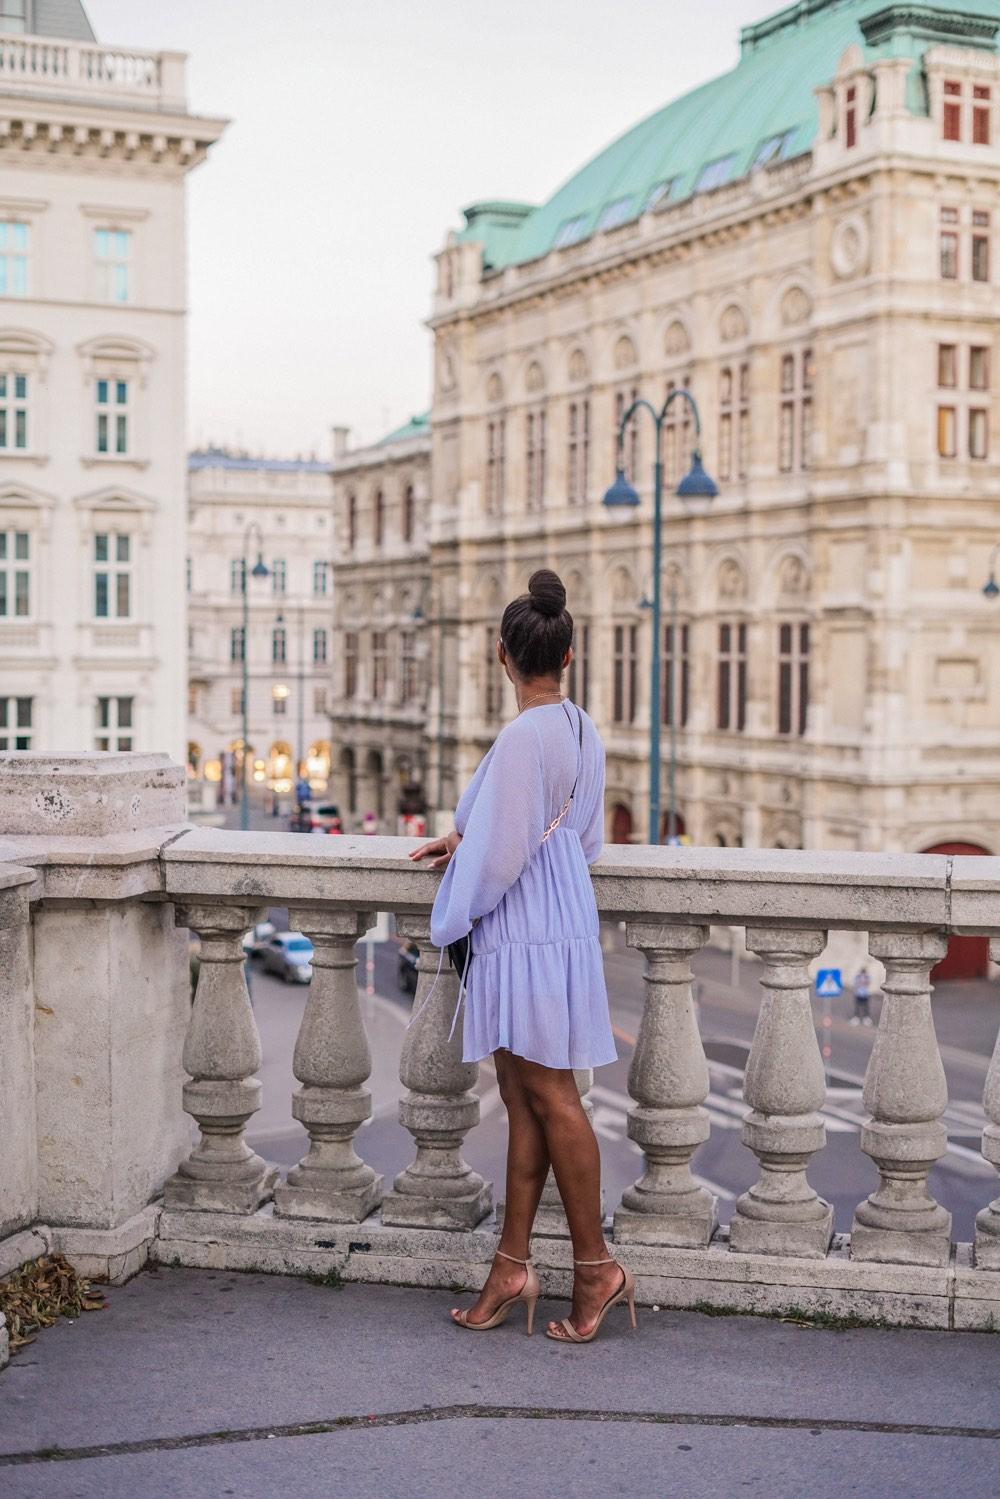 German Fashion Blogger wearing a light blue summer dress